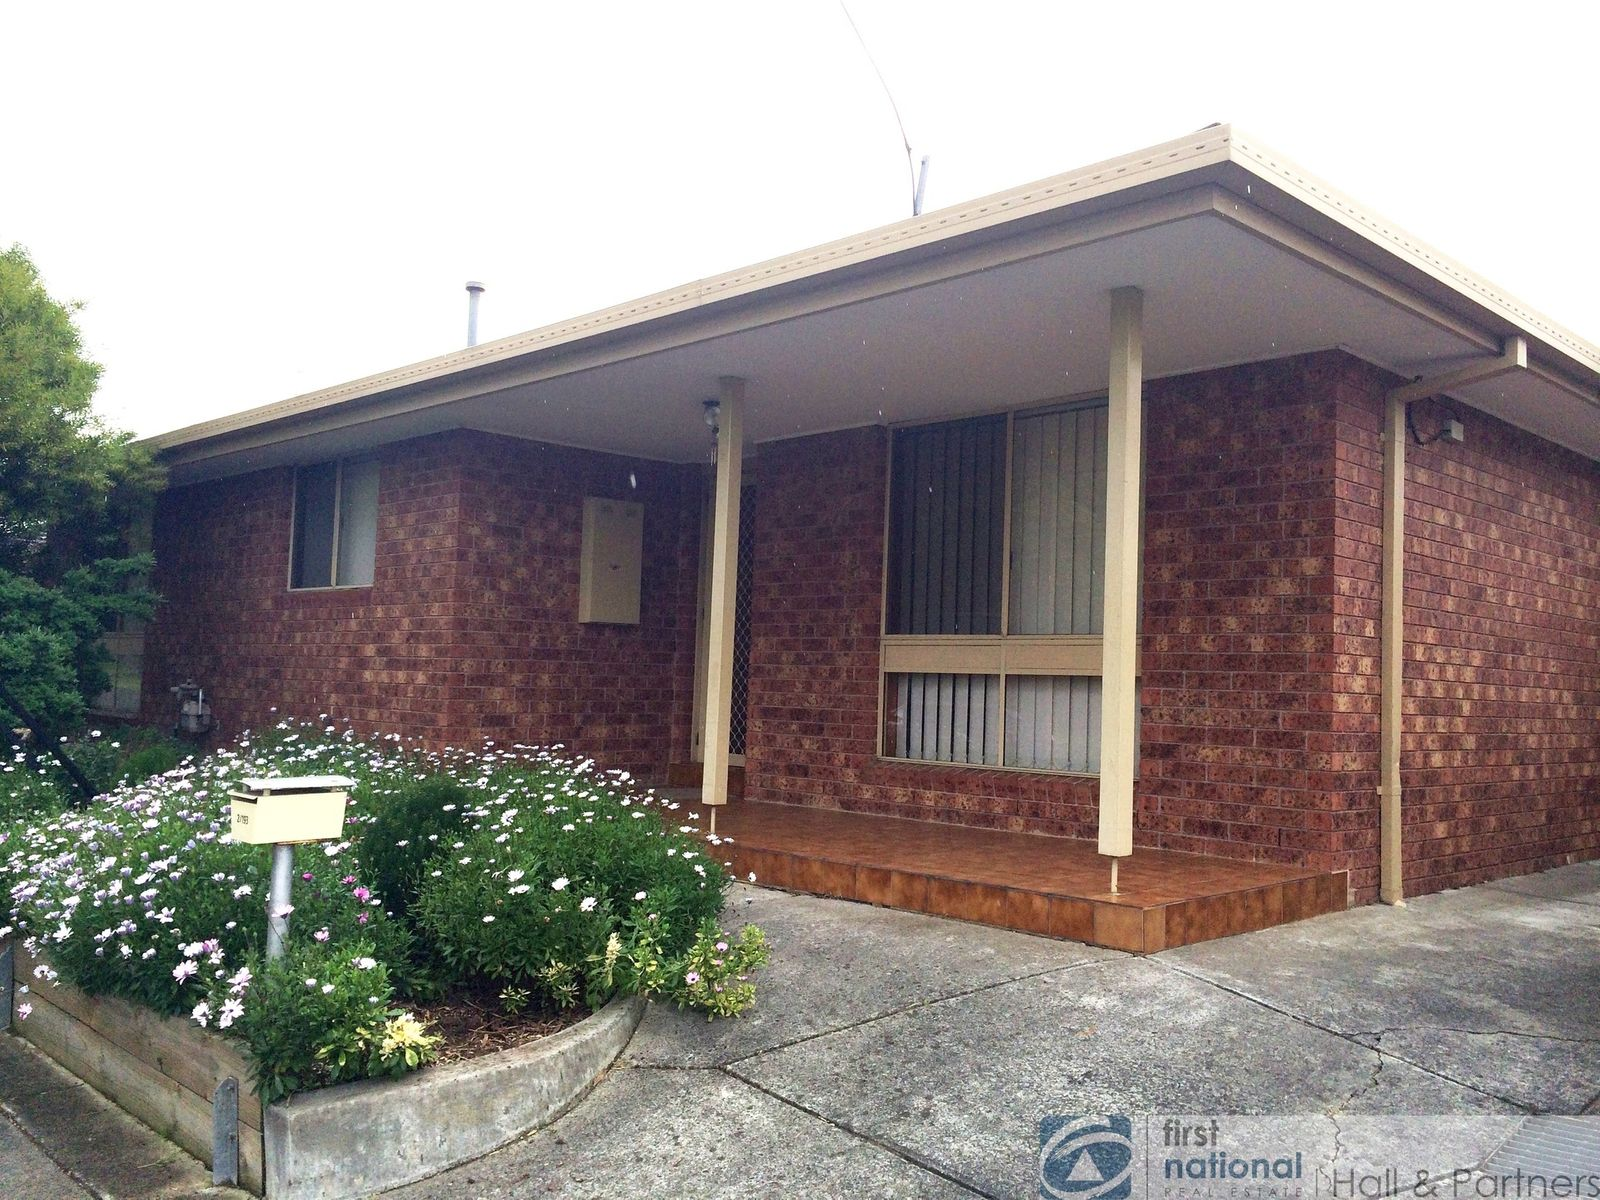 2/193 David Street, Dandenong, VIC 3175